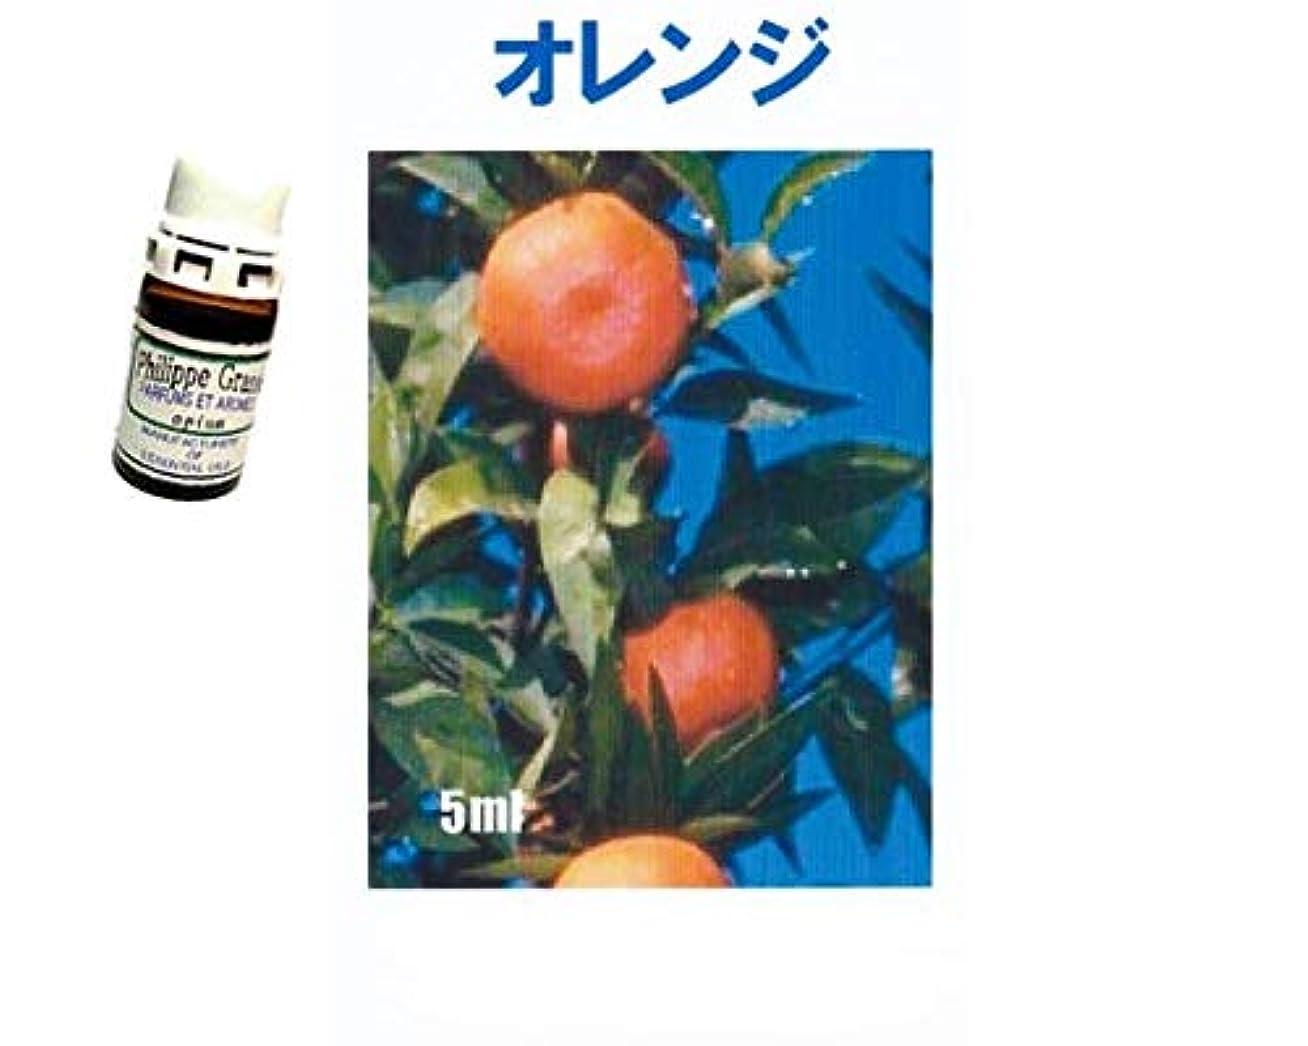 分離収縮コミットアロマオイル オレンジ 5ml エッセンシャルオイル 100%天然成分